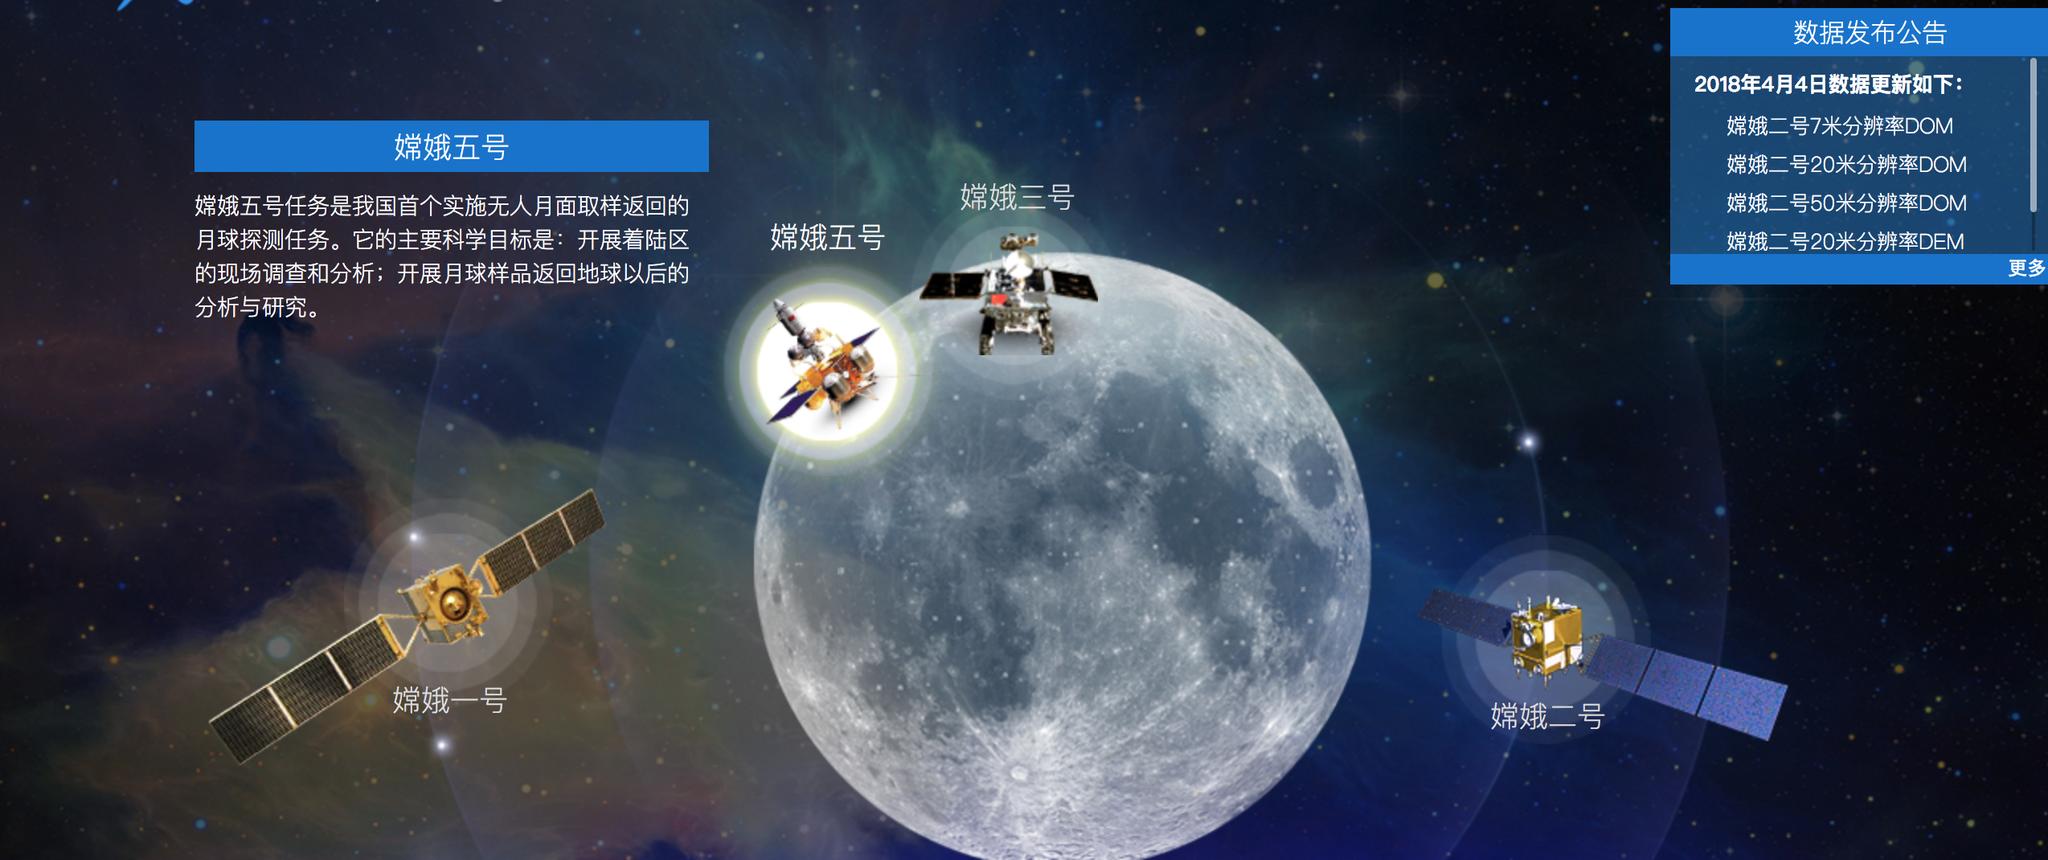 """完善吾国探月三步走""""绕、落、回""""的嫦娥一号、二号、三号、五号探测器暗示图。来源/国家航天局"""